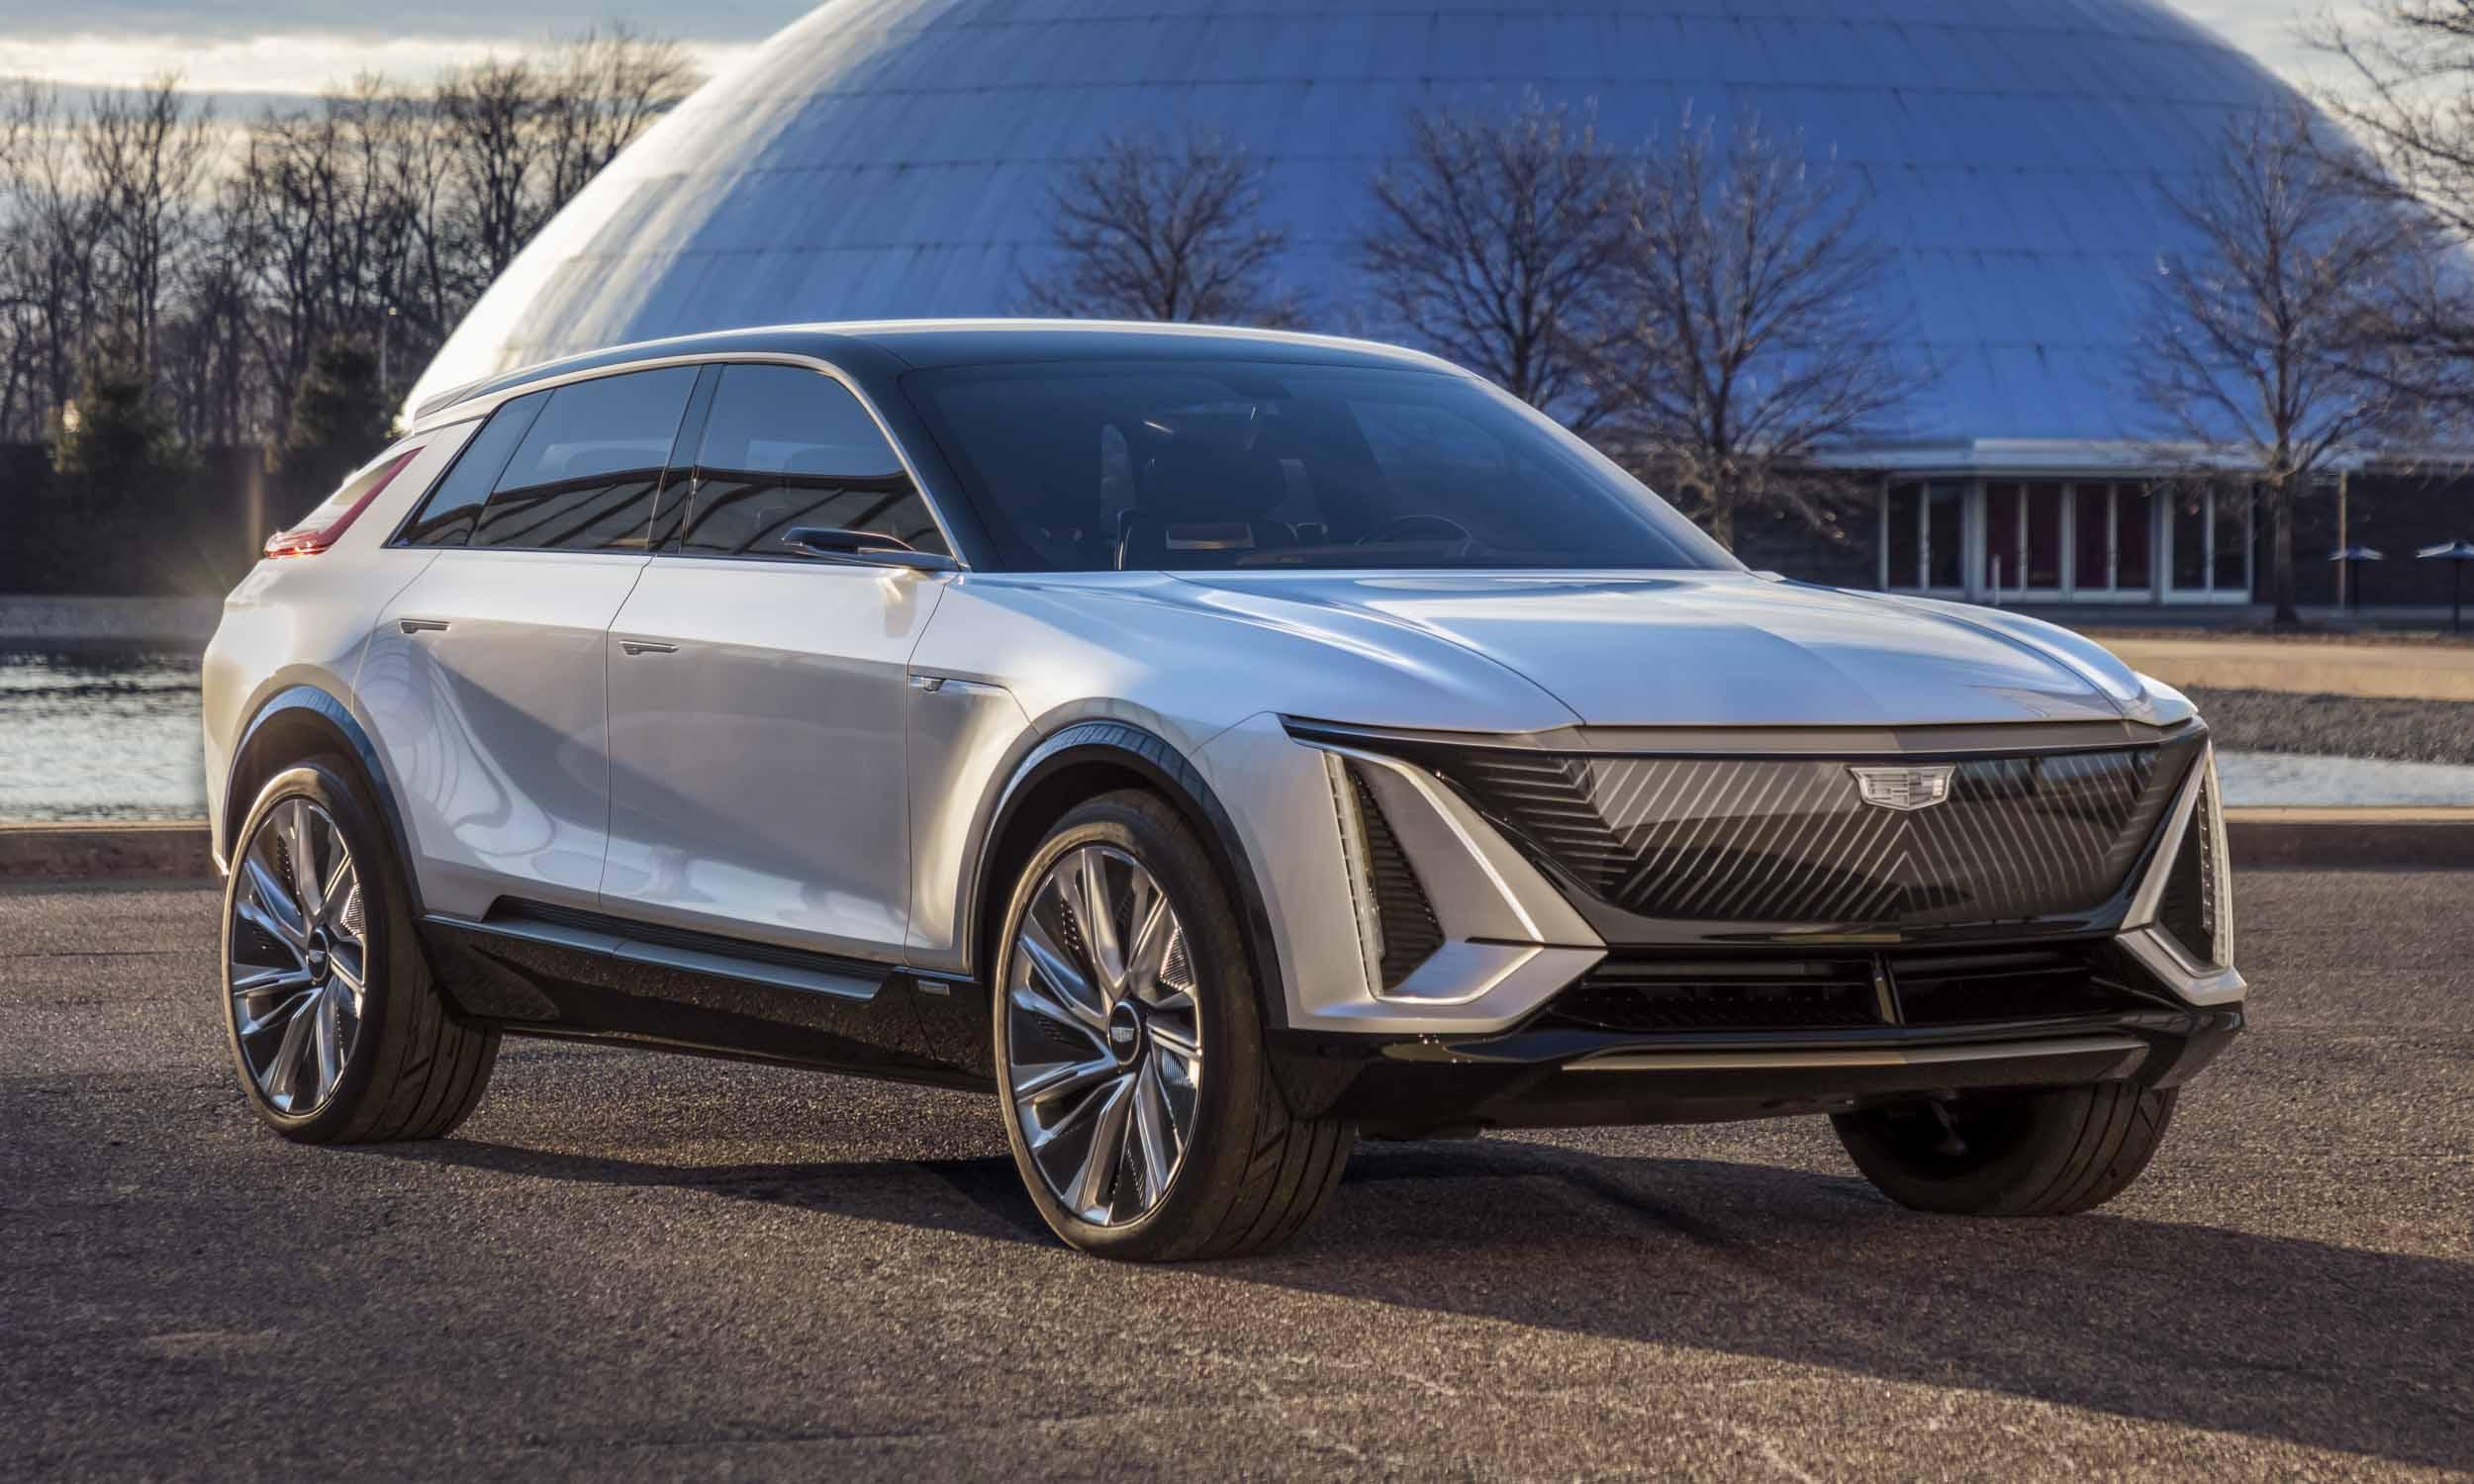 Cadillac, Volvo, Hyundai Lead in 2020 Tech Study